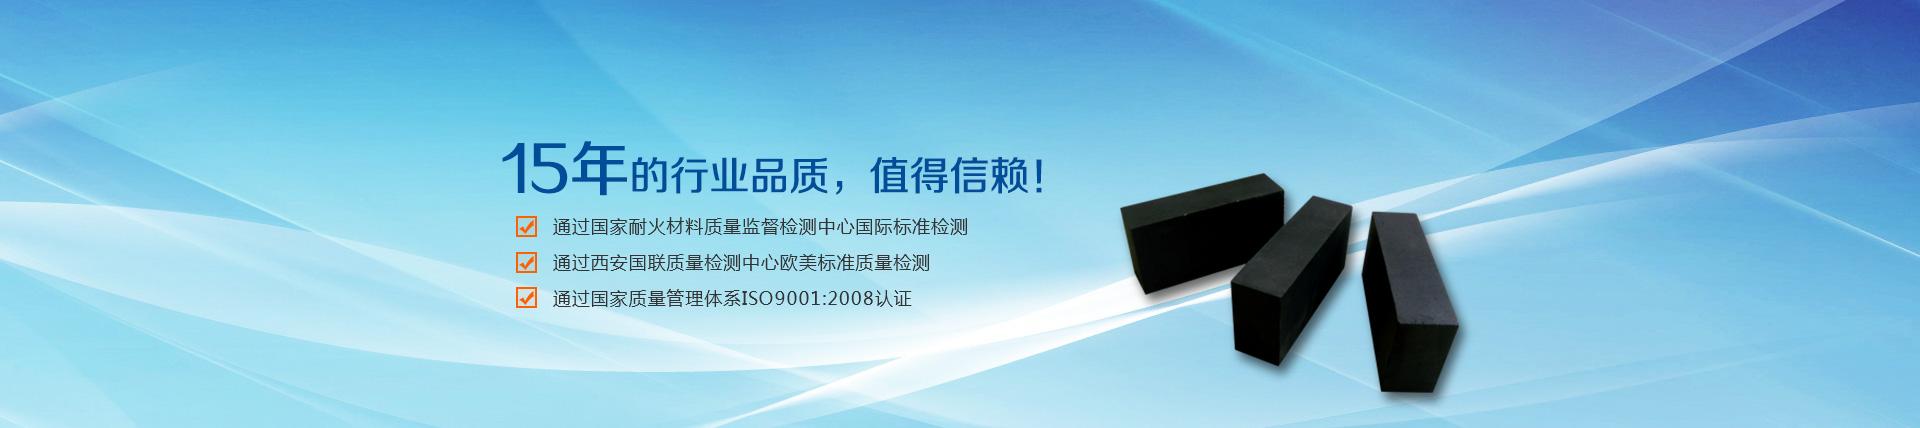 沁yang市大发zhu册防腐材料有xian公司